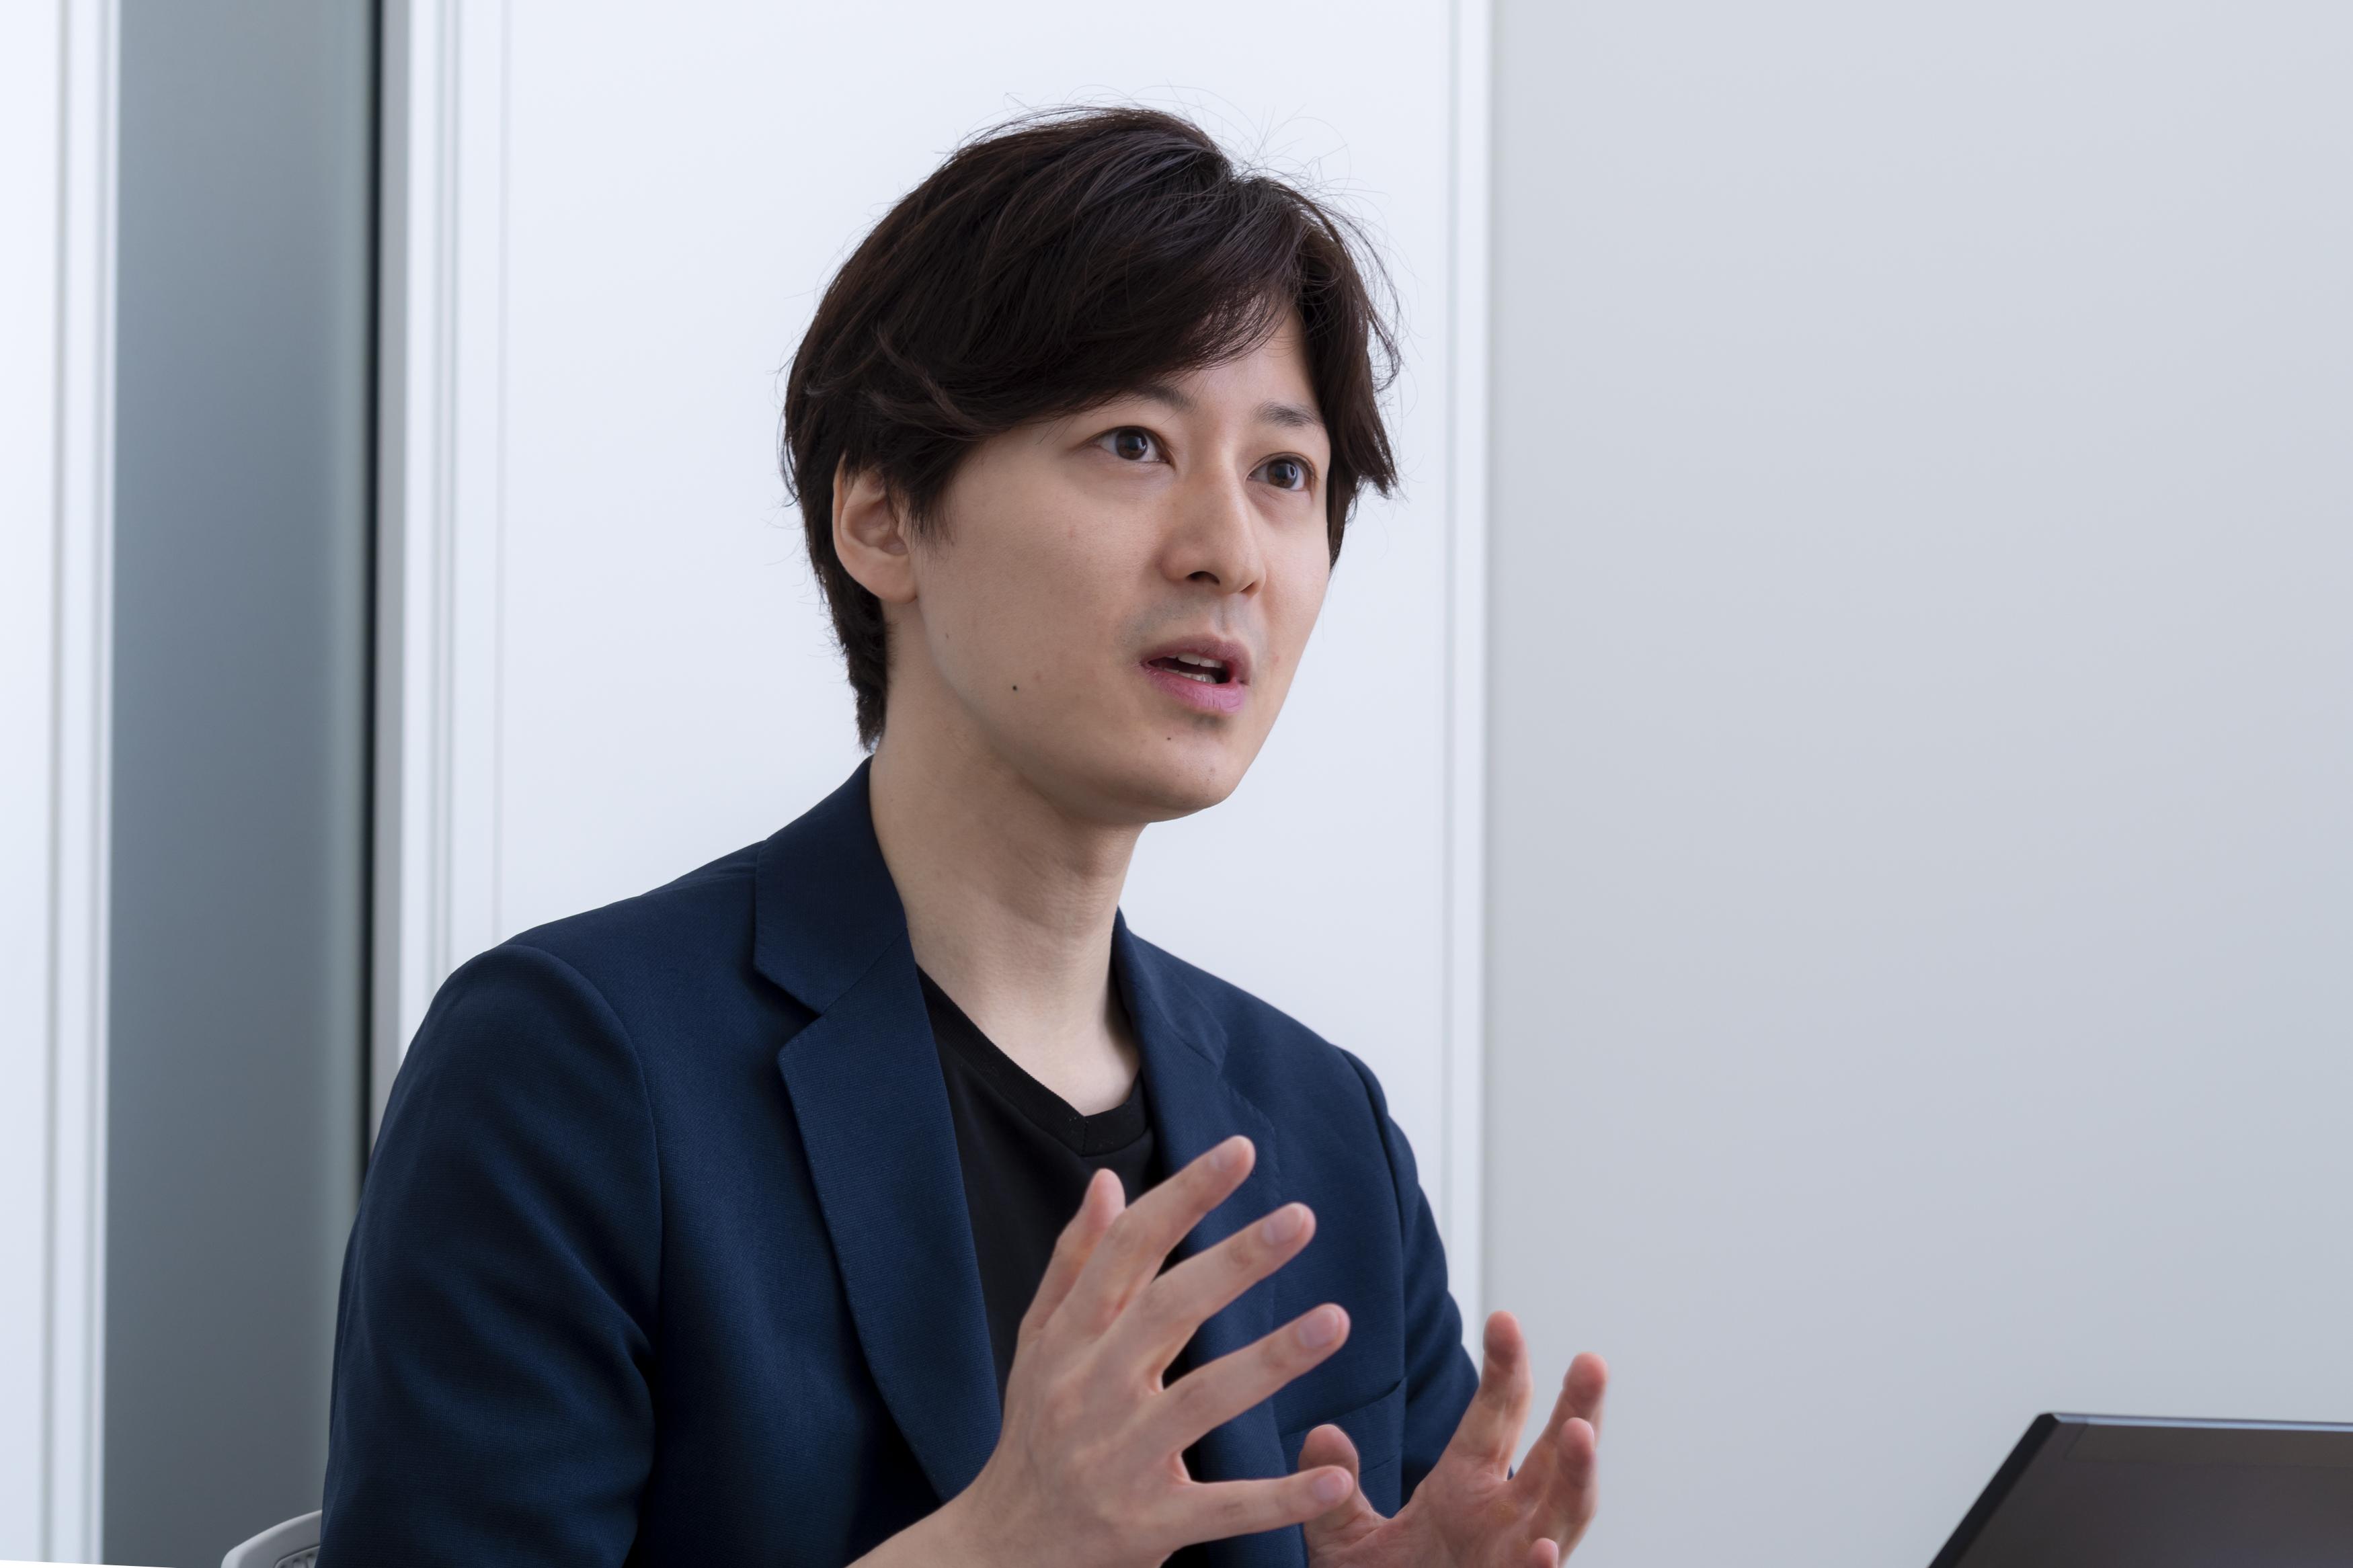 株式会社ビジネスリサーチラボ 代表取締役/採用学研究所 所長 伊達 洋駆氏